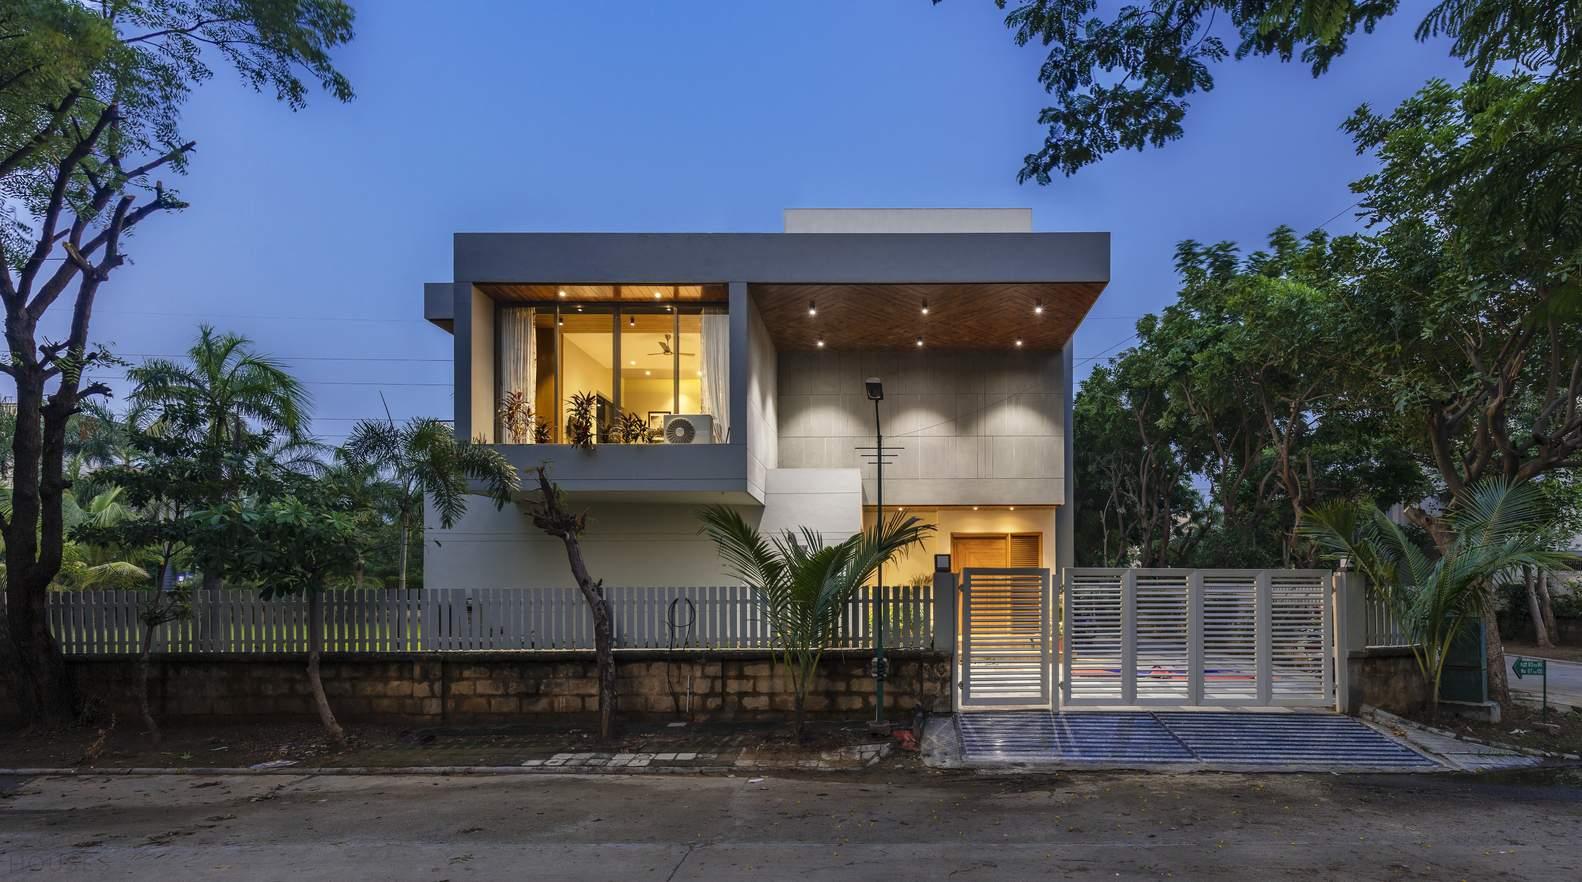 Семейный дом с динамичной игрой кубических форм, Индия